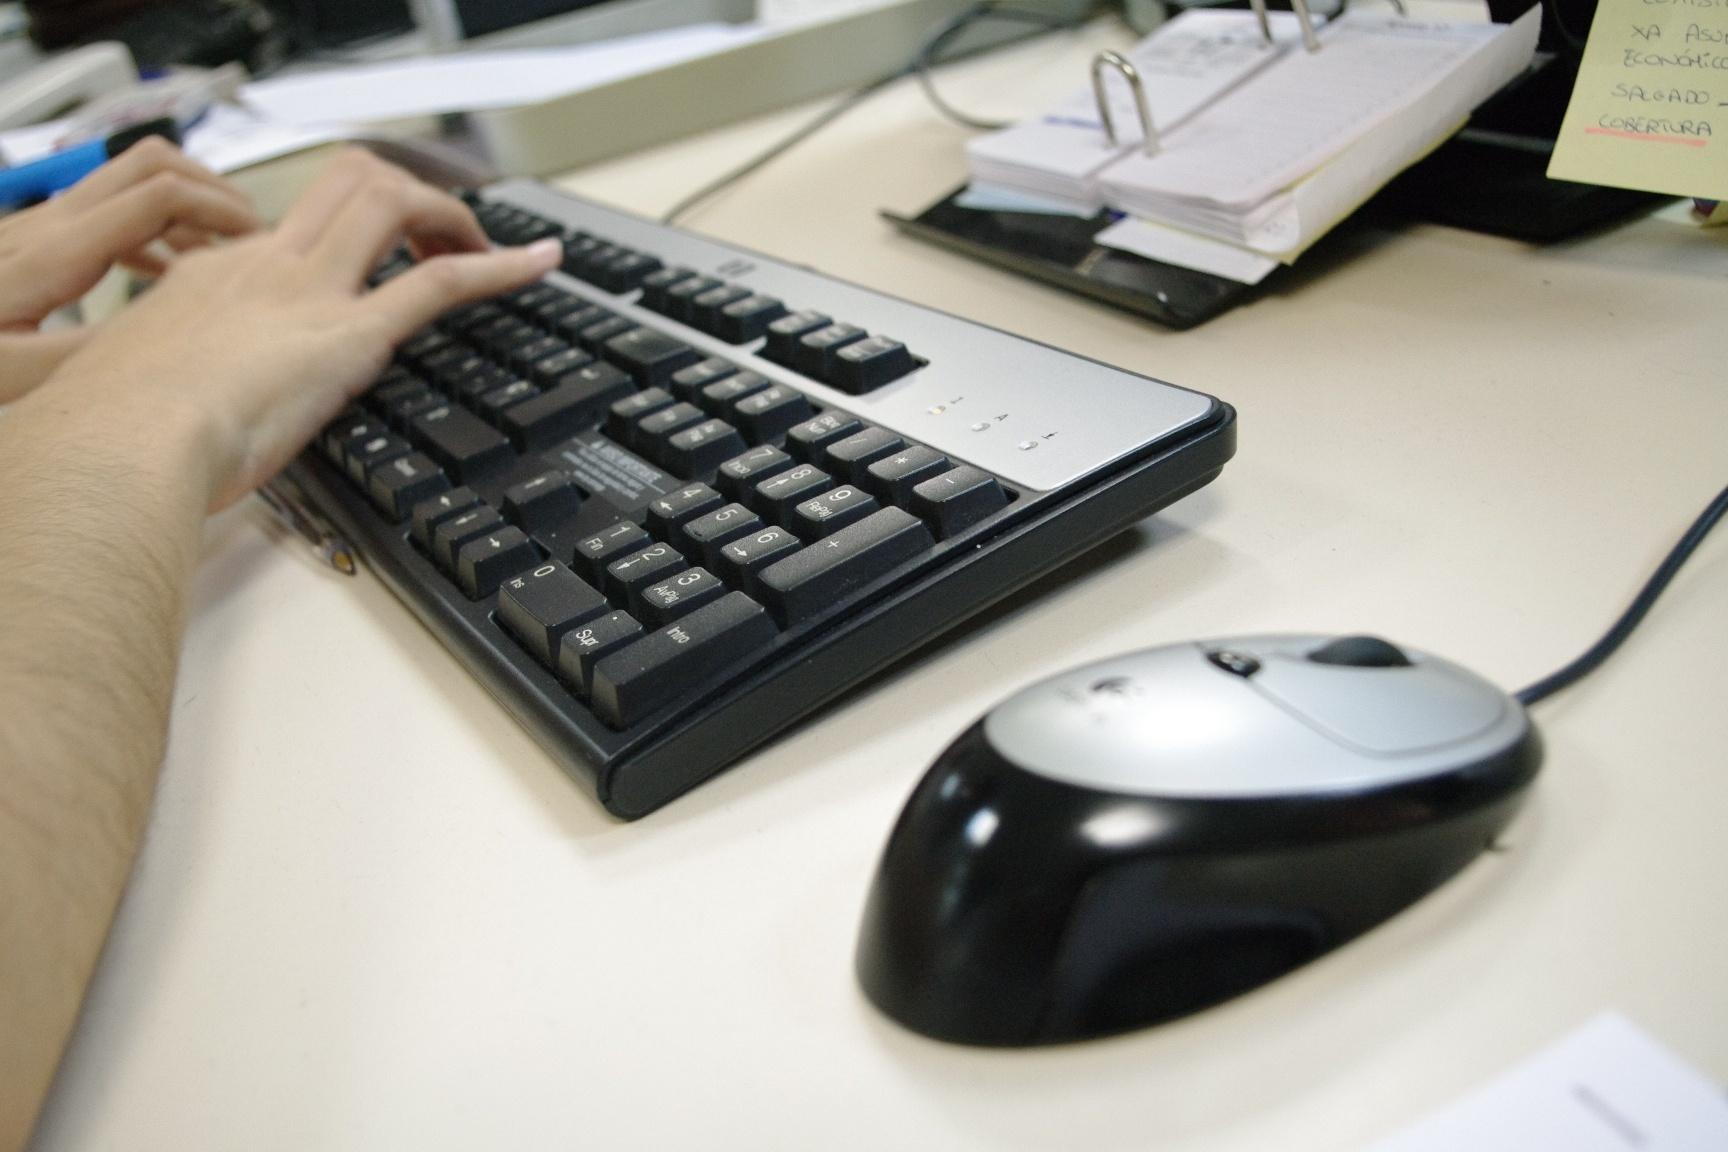 España, líder europeo en adicción de los adolescentes a Internet, según un estudio